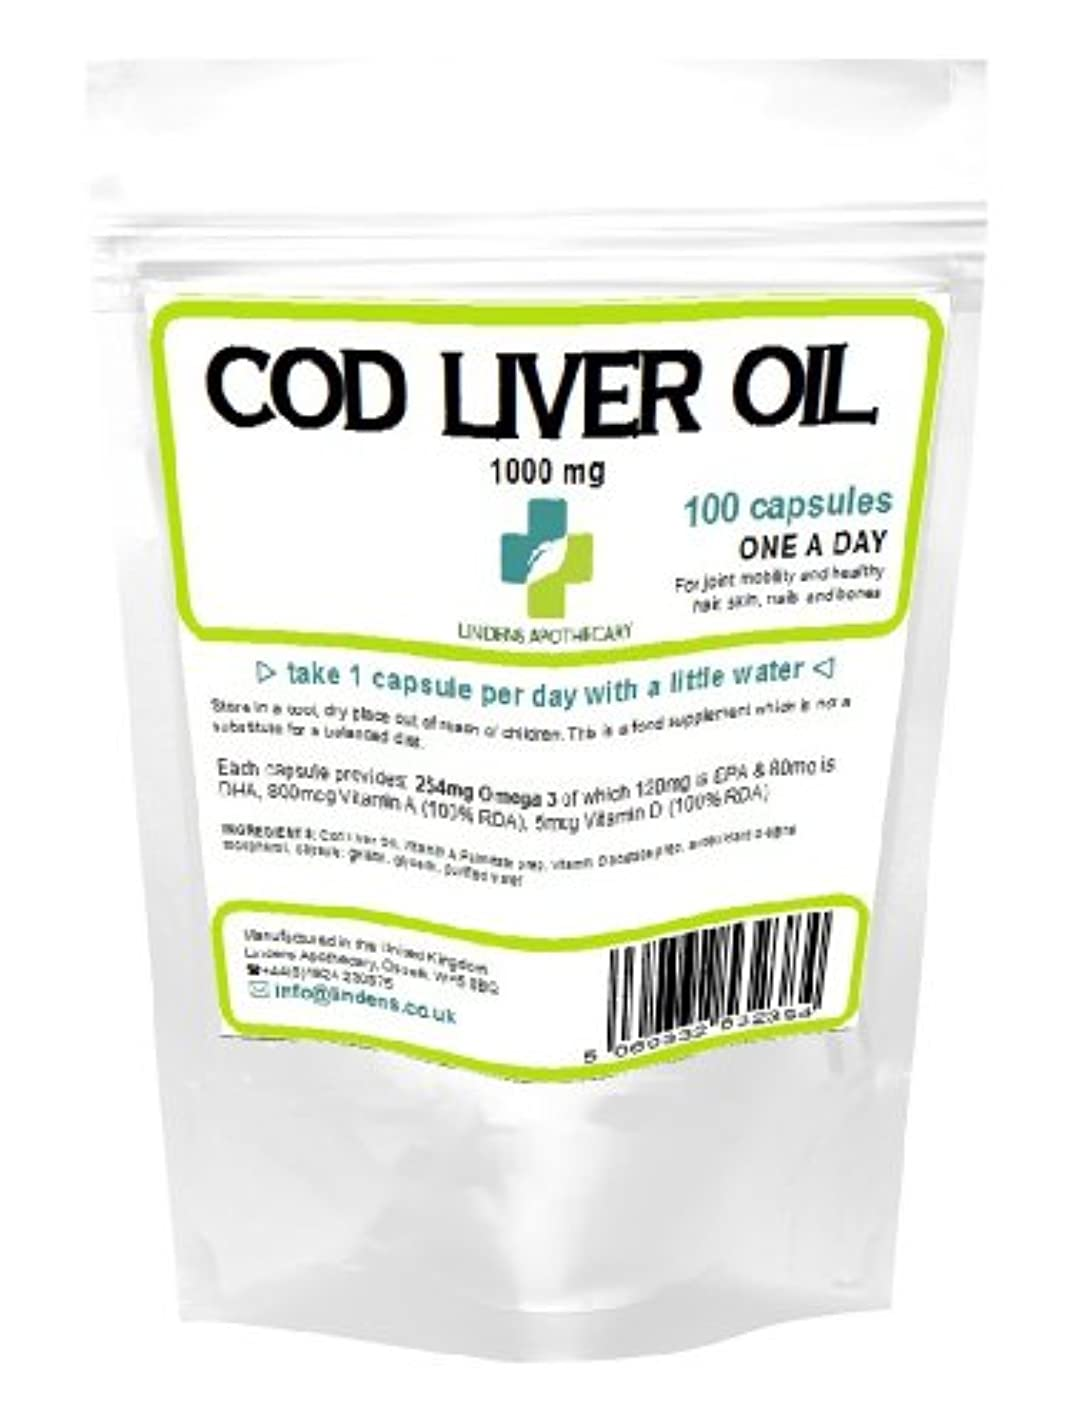 節約古代くすぐったい高強度肝油1000ミリグラム 100カプセル